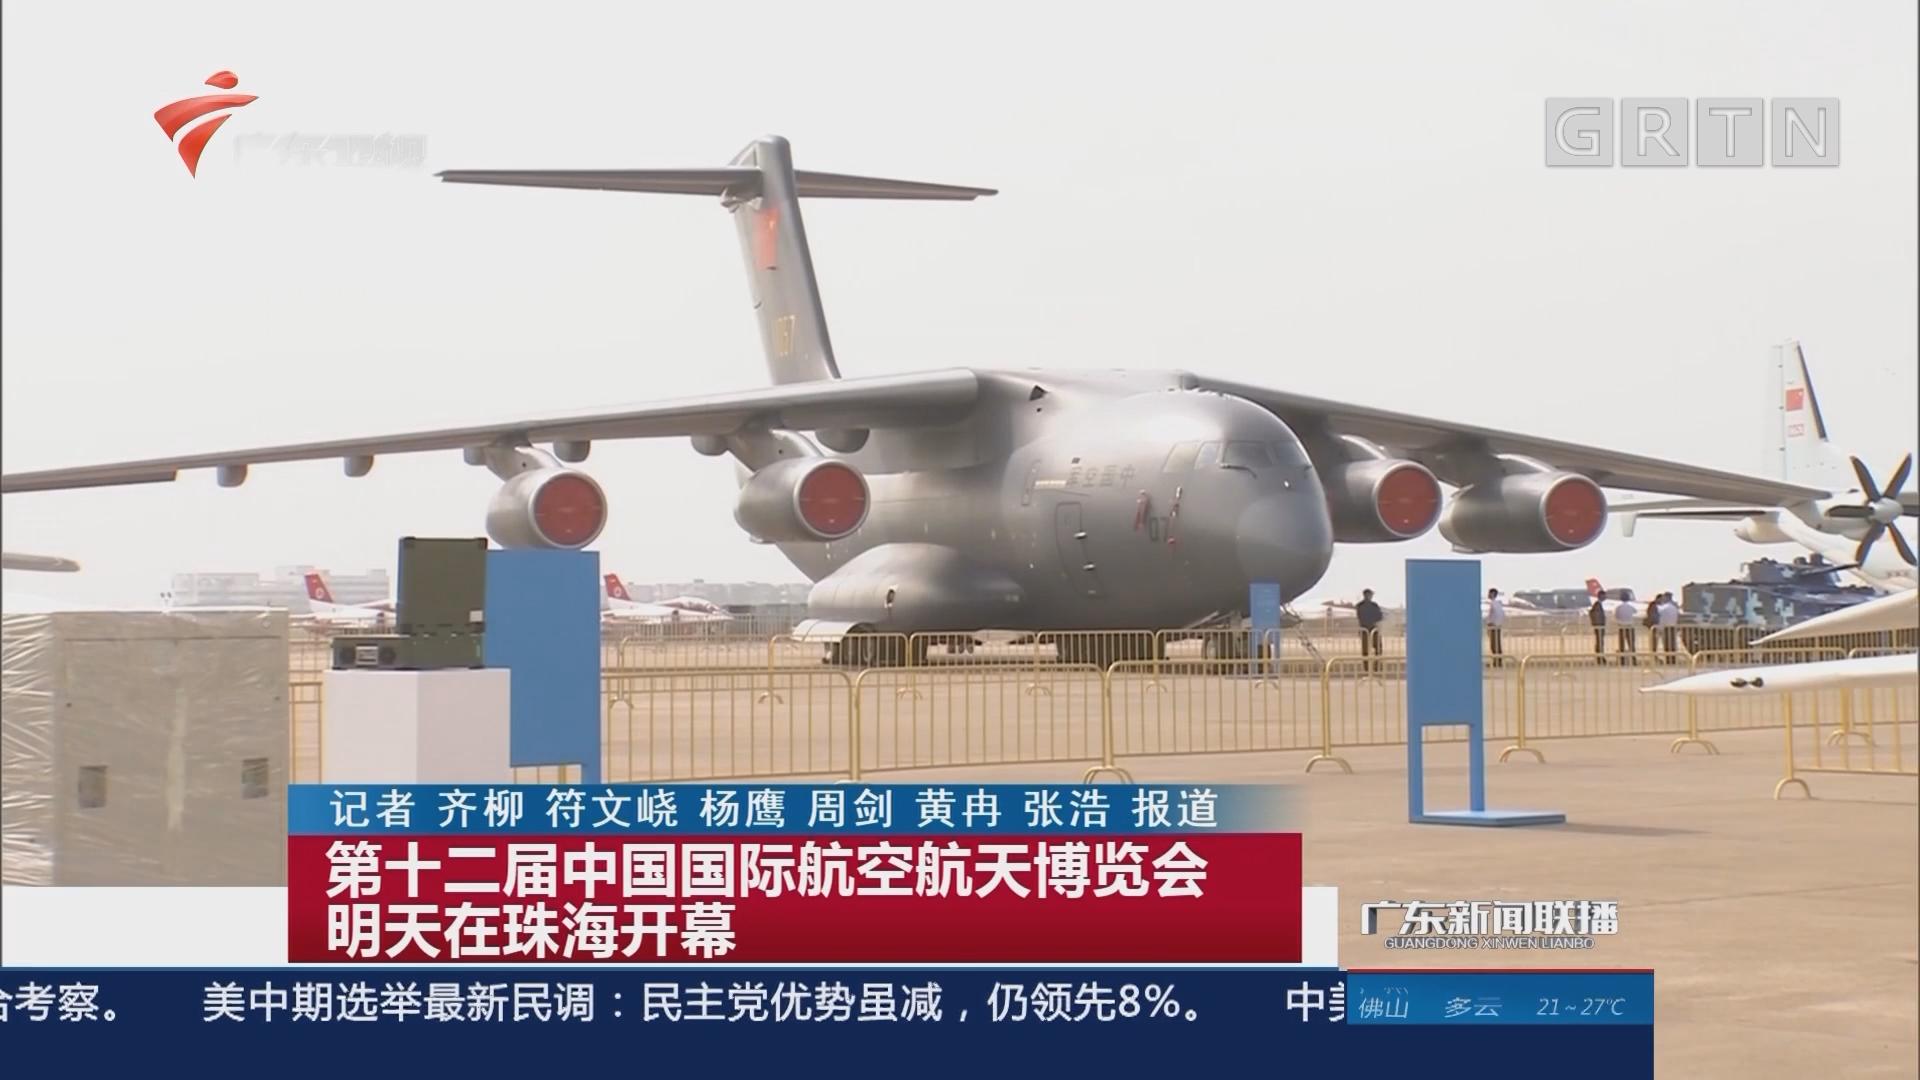 第十二届中国国际航空航天博览会明天在珠海开幕